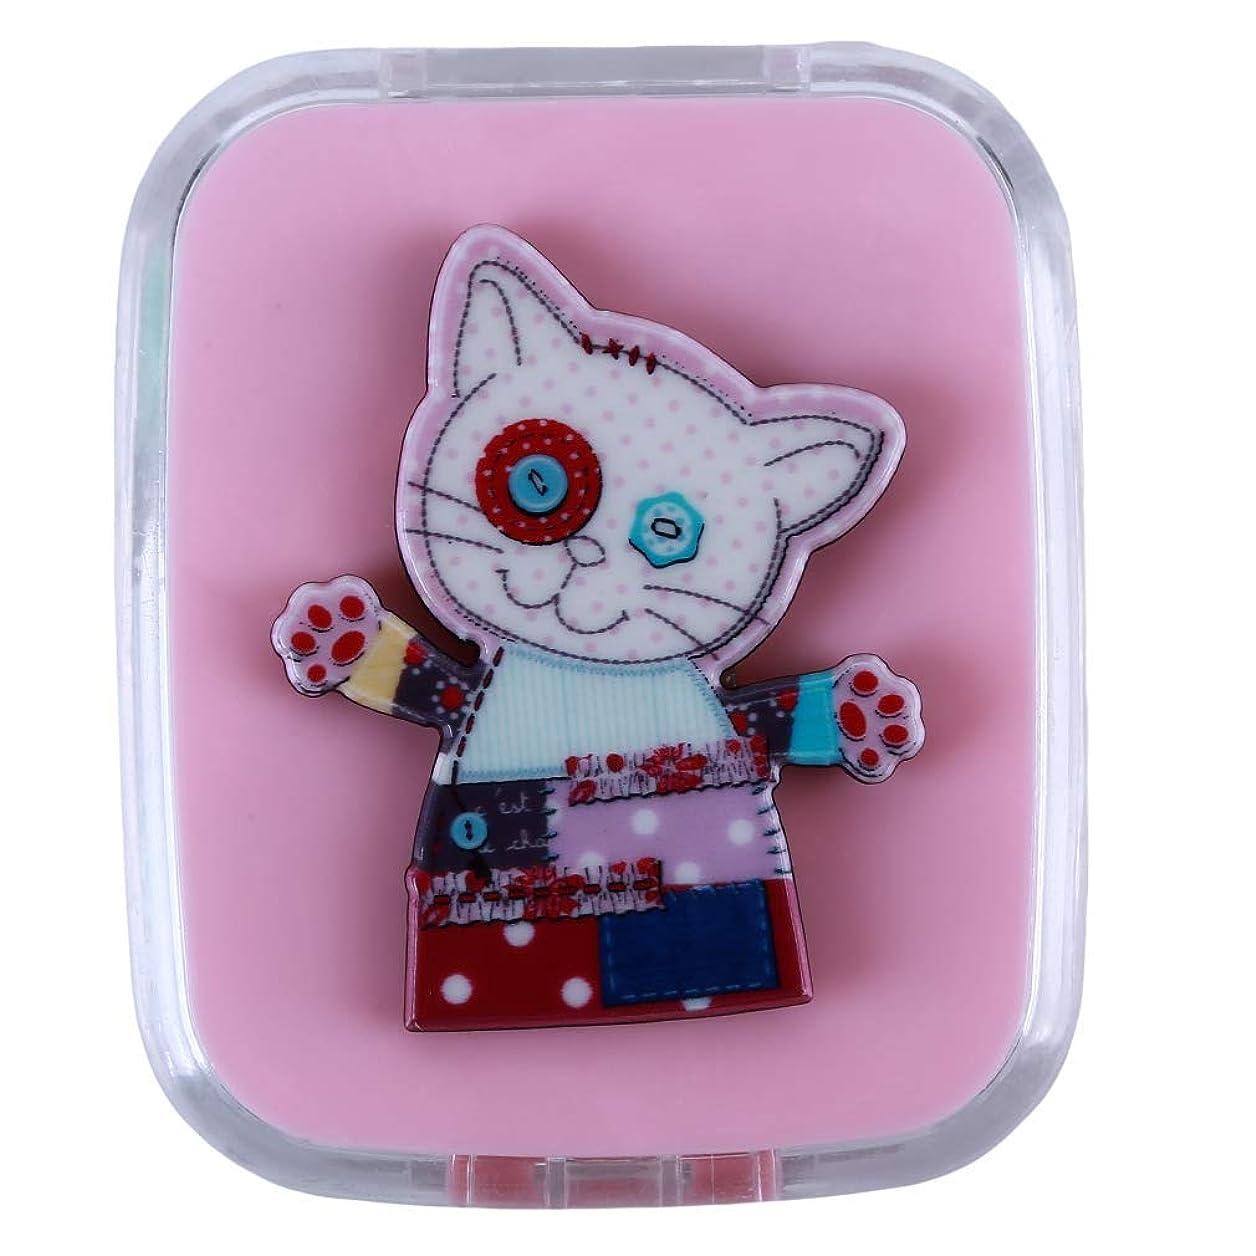 阻害する野望贅沢1st market プレミアム コンタクトレンズケース コンタクトレンズボックス レンズケースセット コンタクト ケアパレット スティック ミラーケース 持ち運びに便利 携帯 動物 猫 可愛い 便利